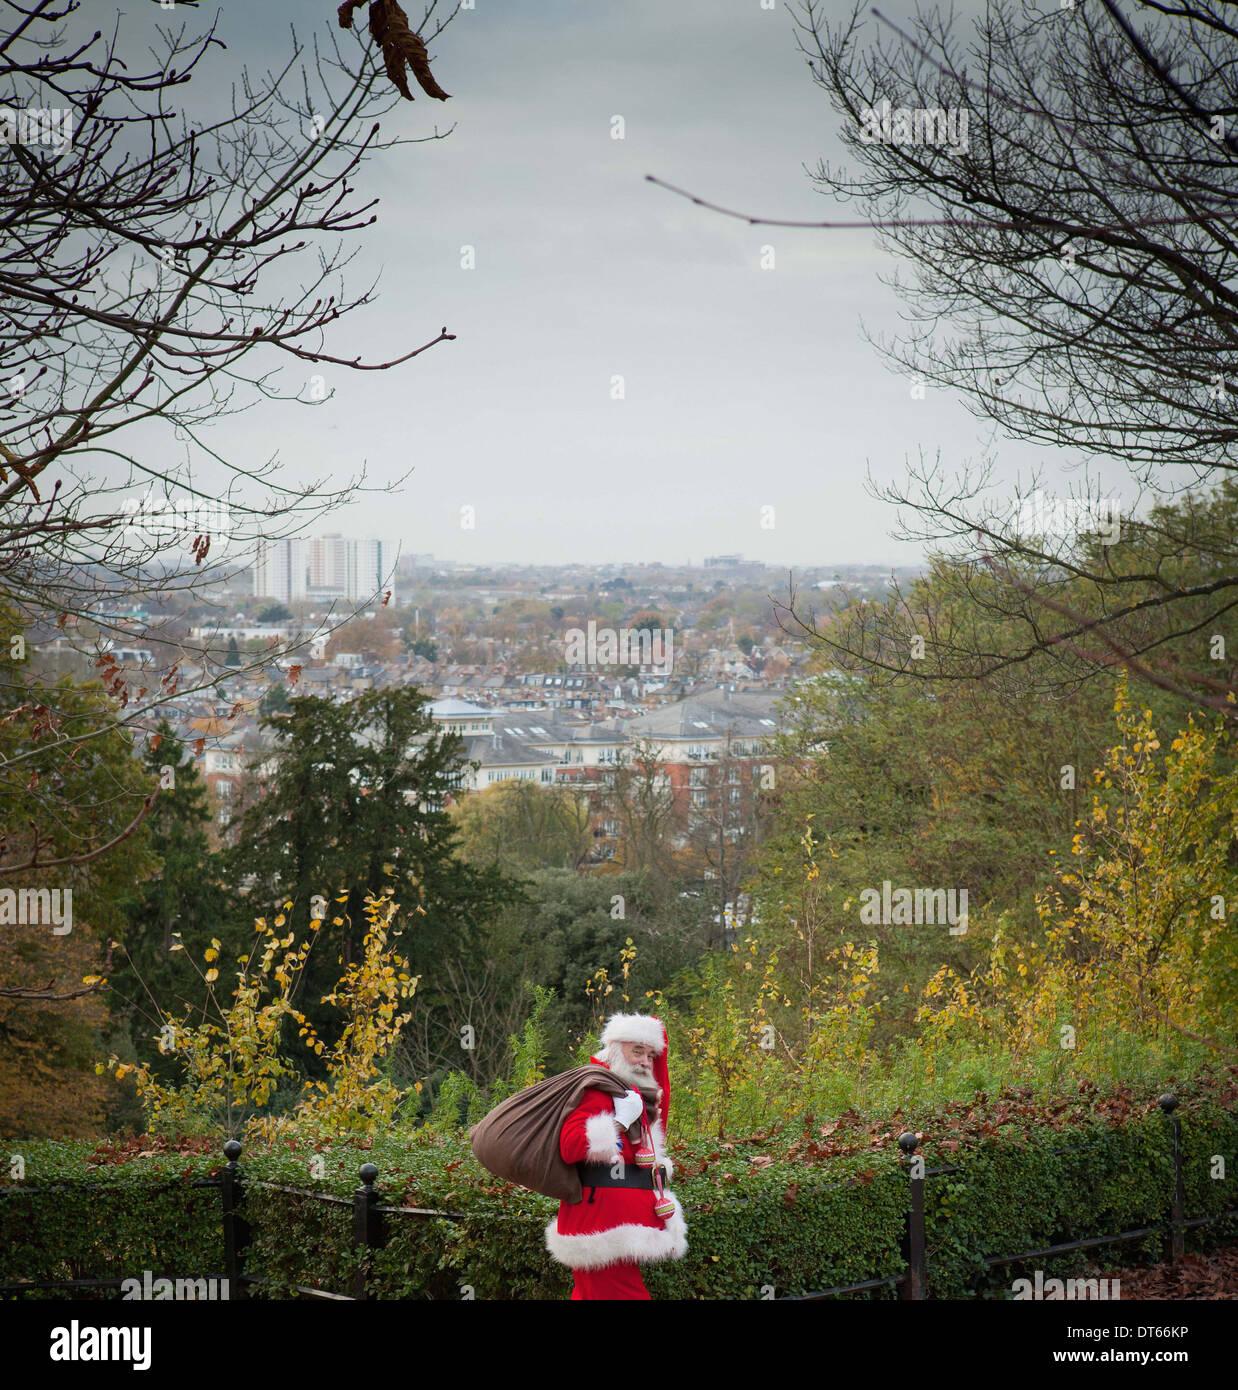 Père Noël sac sur l'épaule Photo Stock